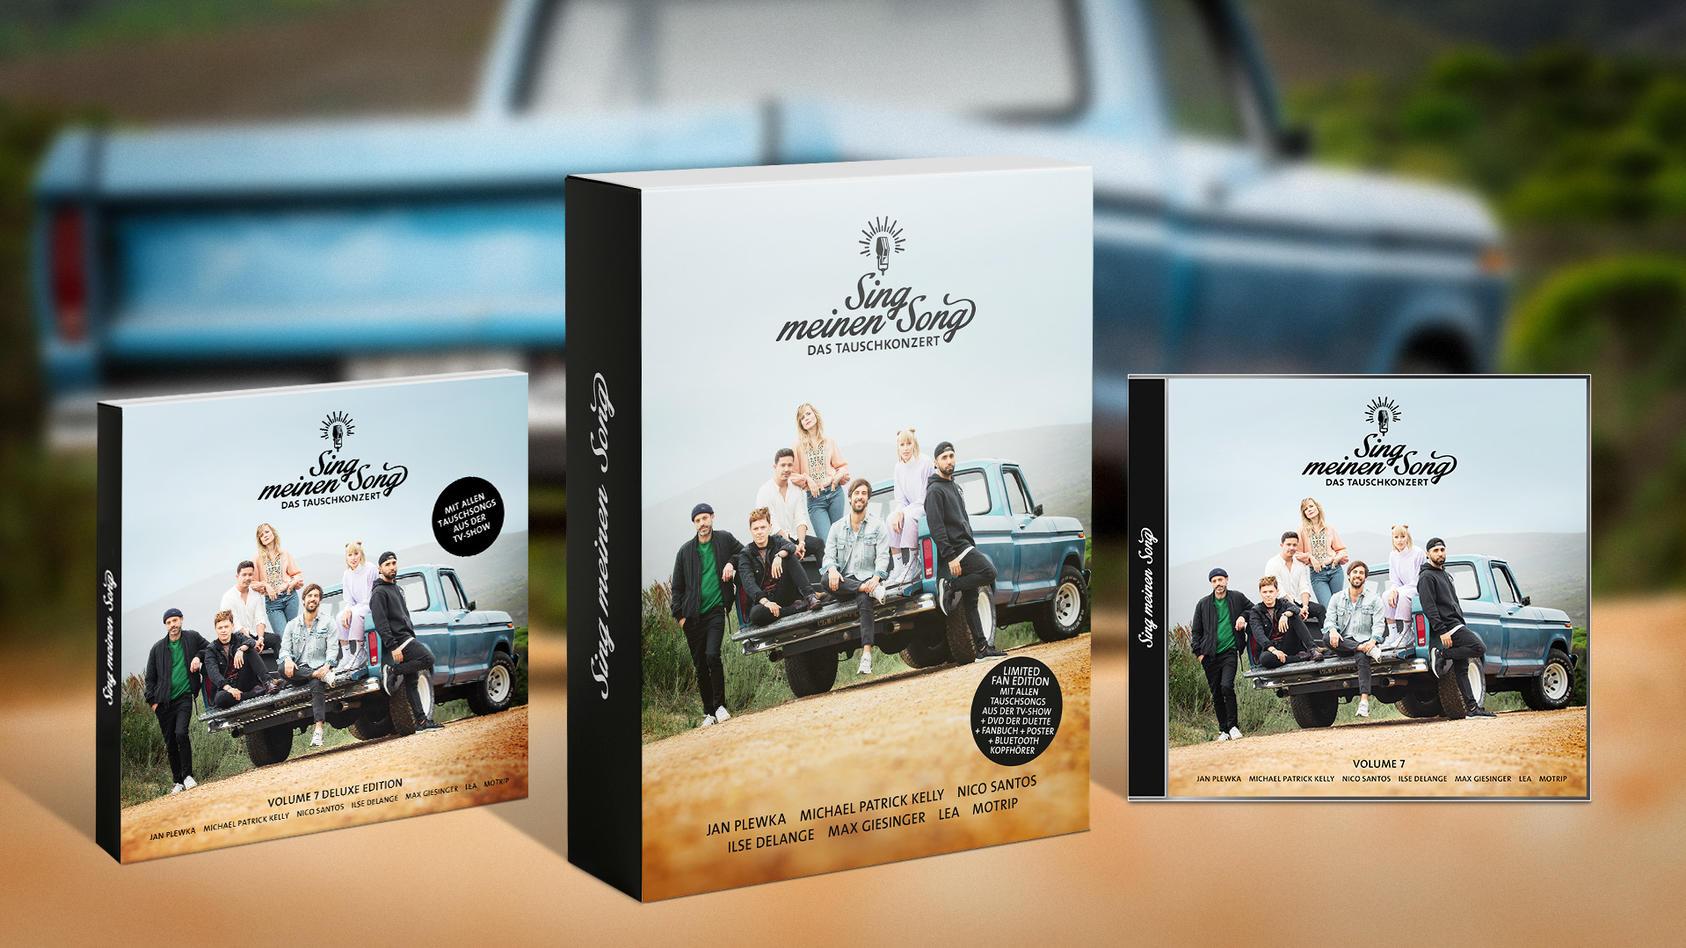 """Das Album """"Sing meinen Song - Das Tauschkonzert Vol. 7"""" ist ab sofort im Handel erhältlich."""